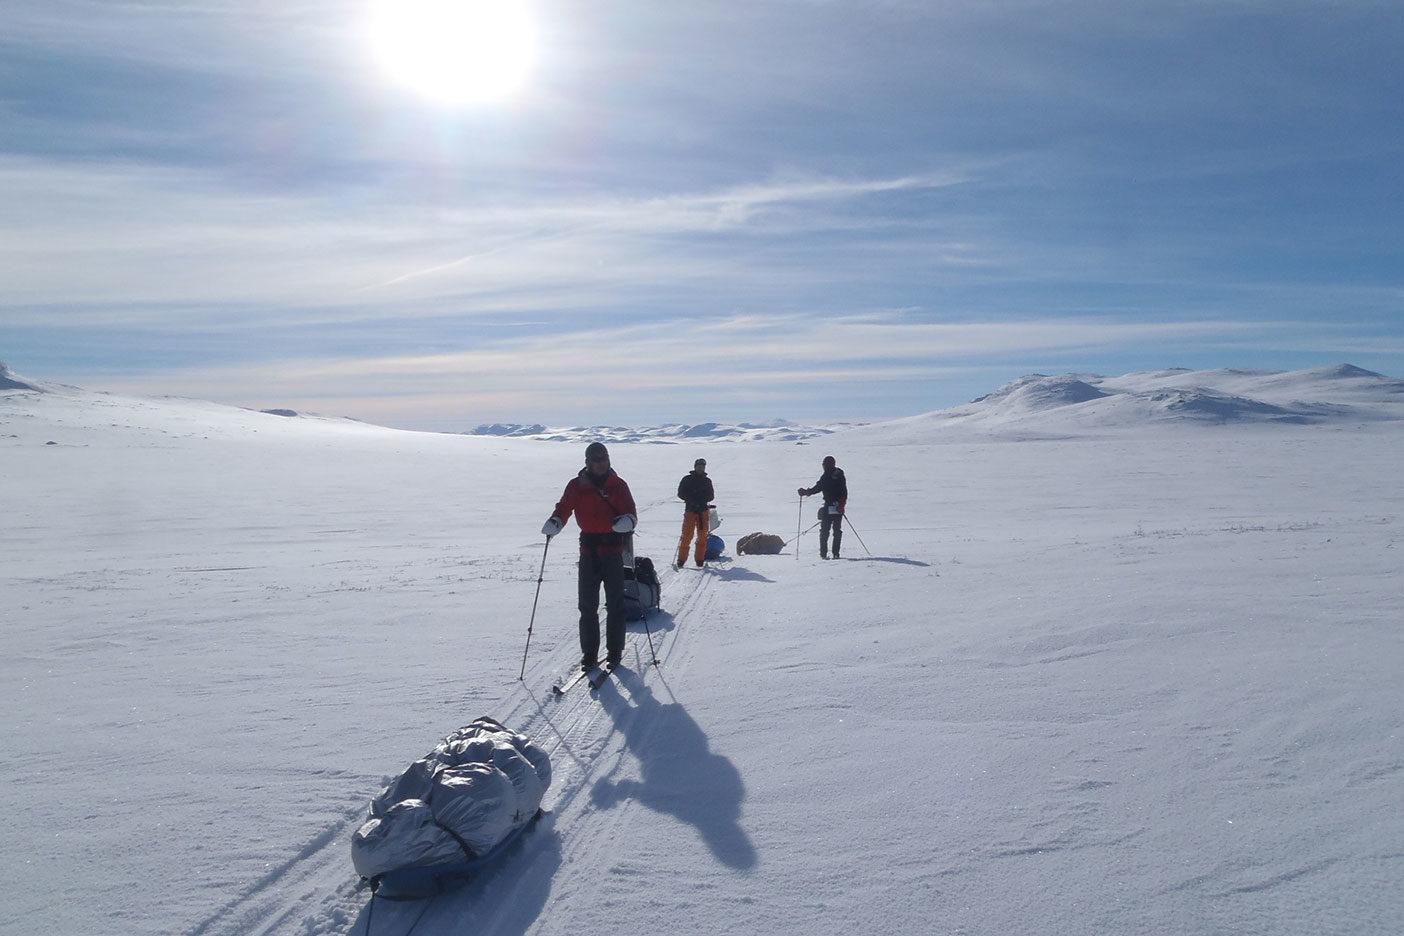 人生初めてのスキー旅、ハルダンゲル高原での序盤。 写真:柴田丈広